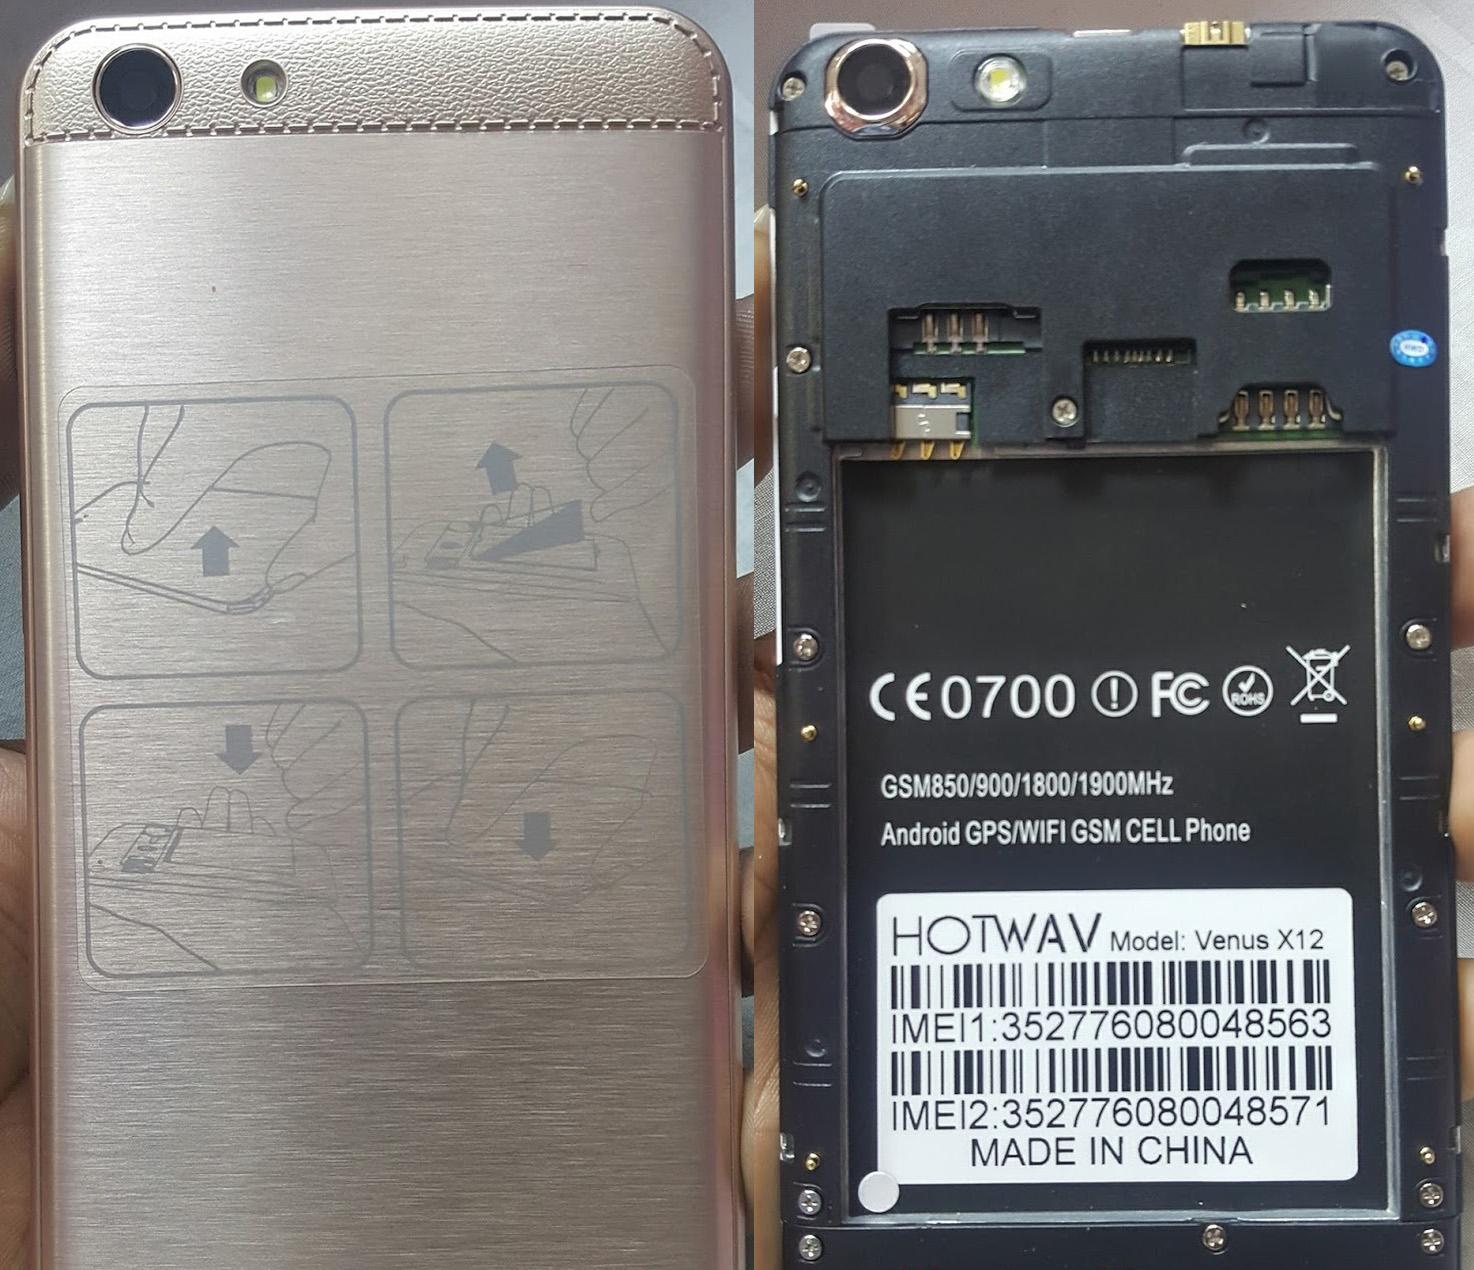 Hotwav Venus X12 Flash File | Sp7731 Blu Lcd Fix Firmware